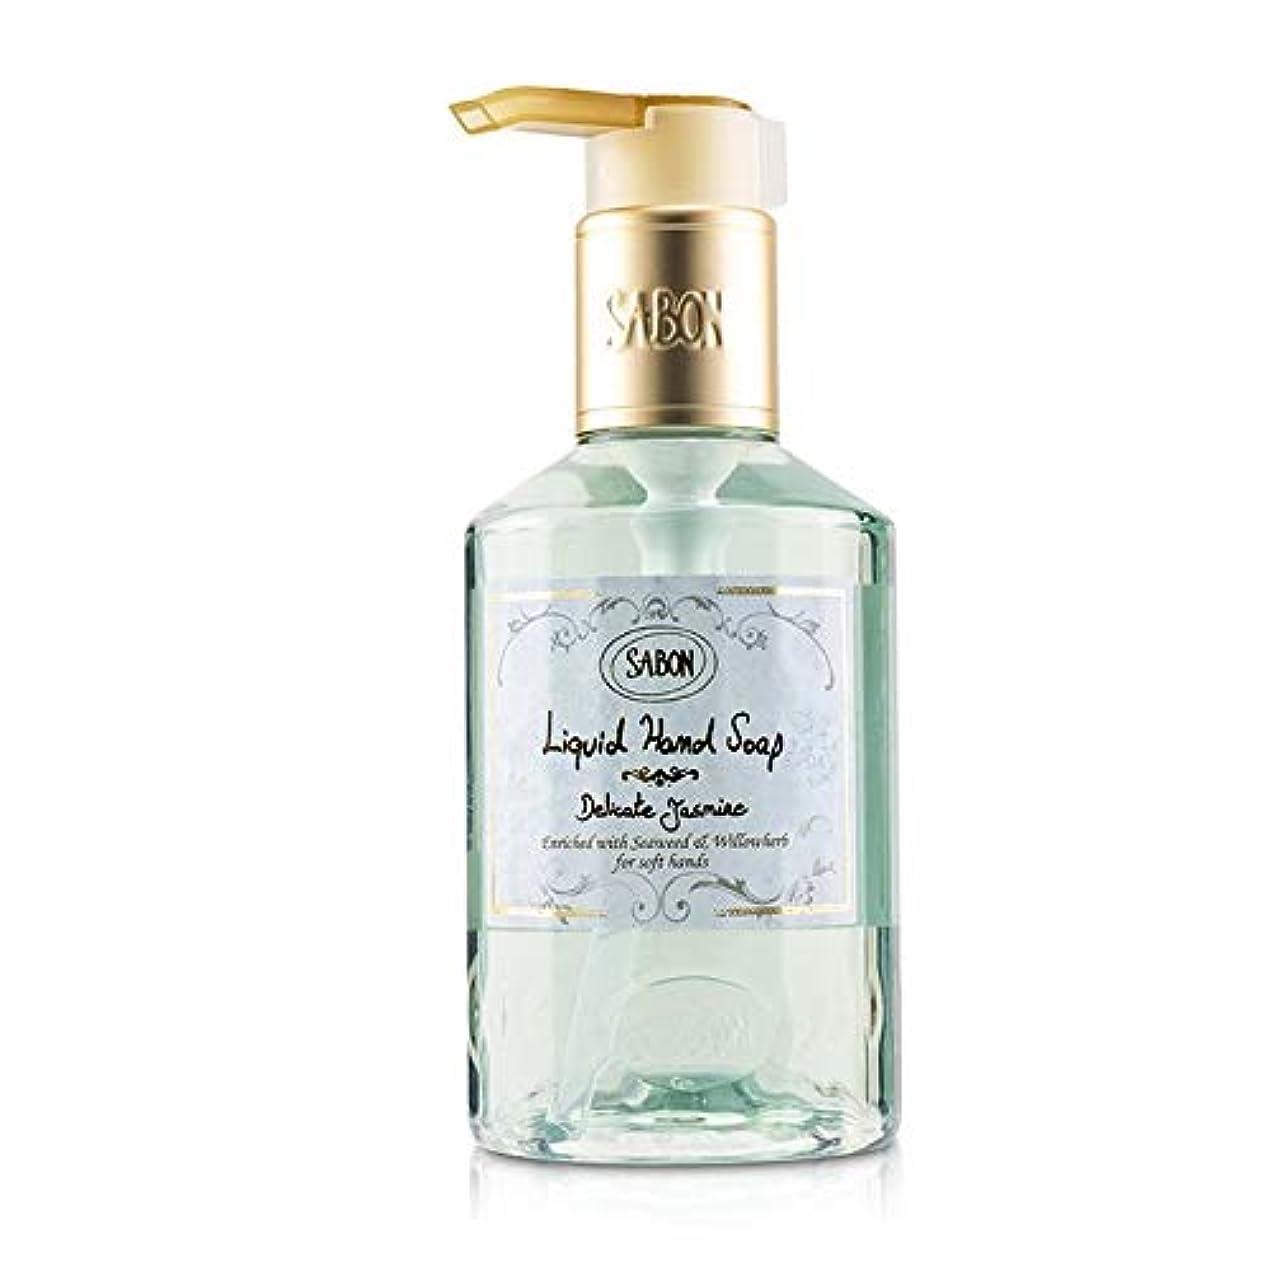 バクテリアインタフェースアンティークサボン Liquid Hand Soap - Delicate Jasmine 200ml/7oz並行輸入品